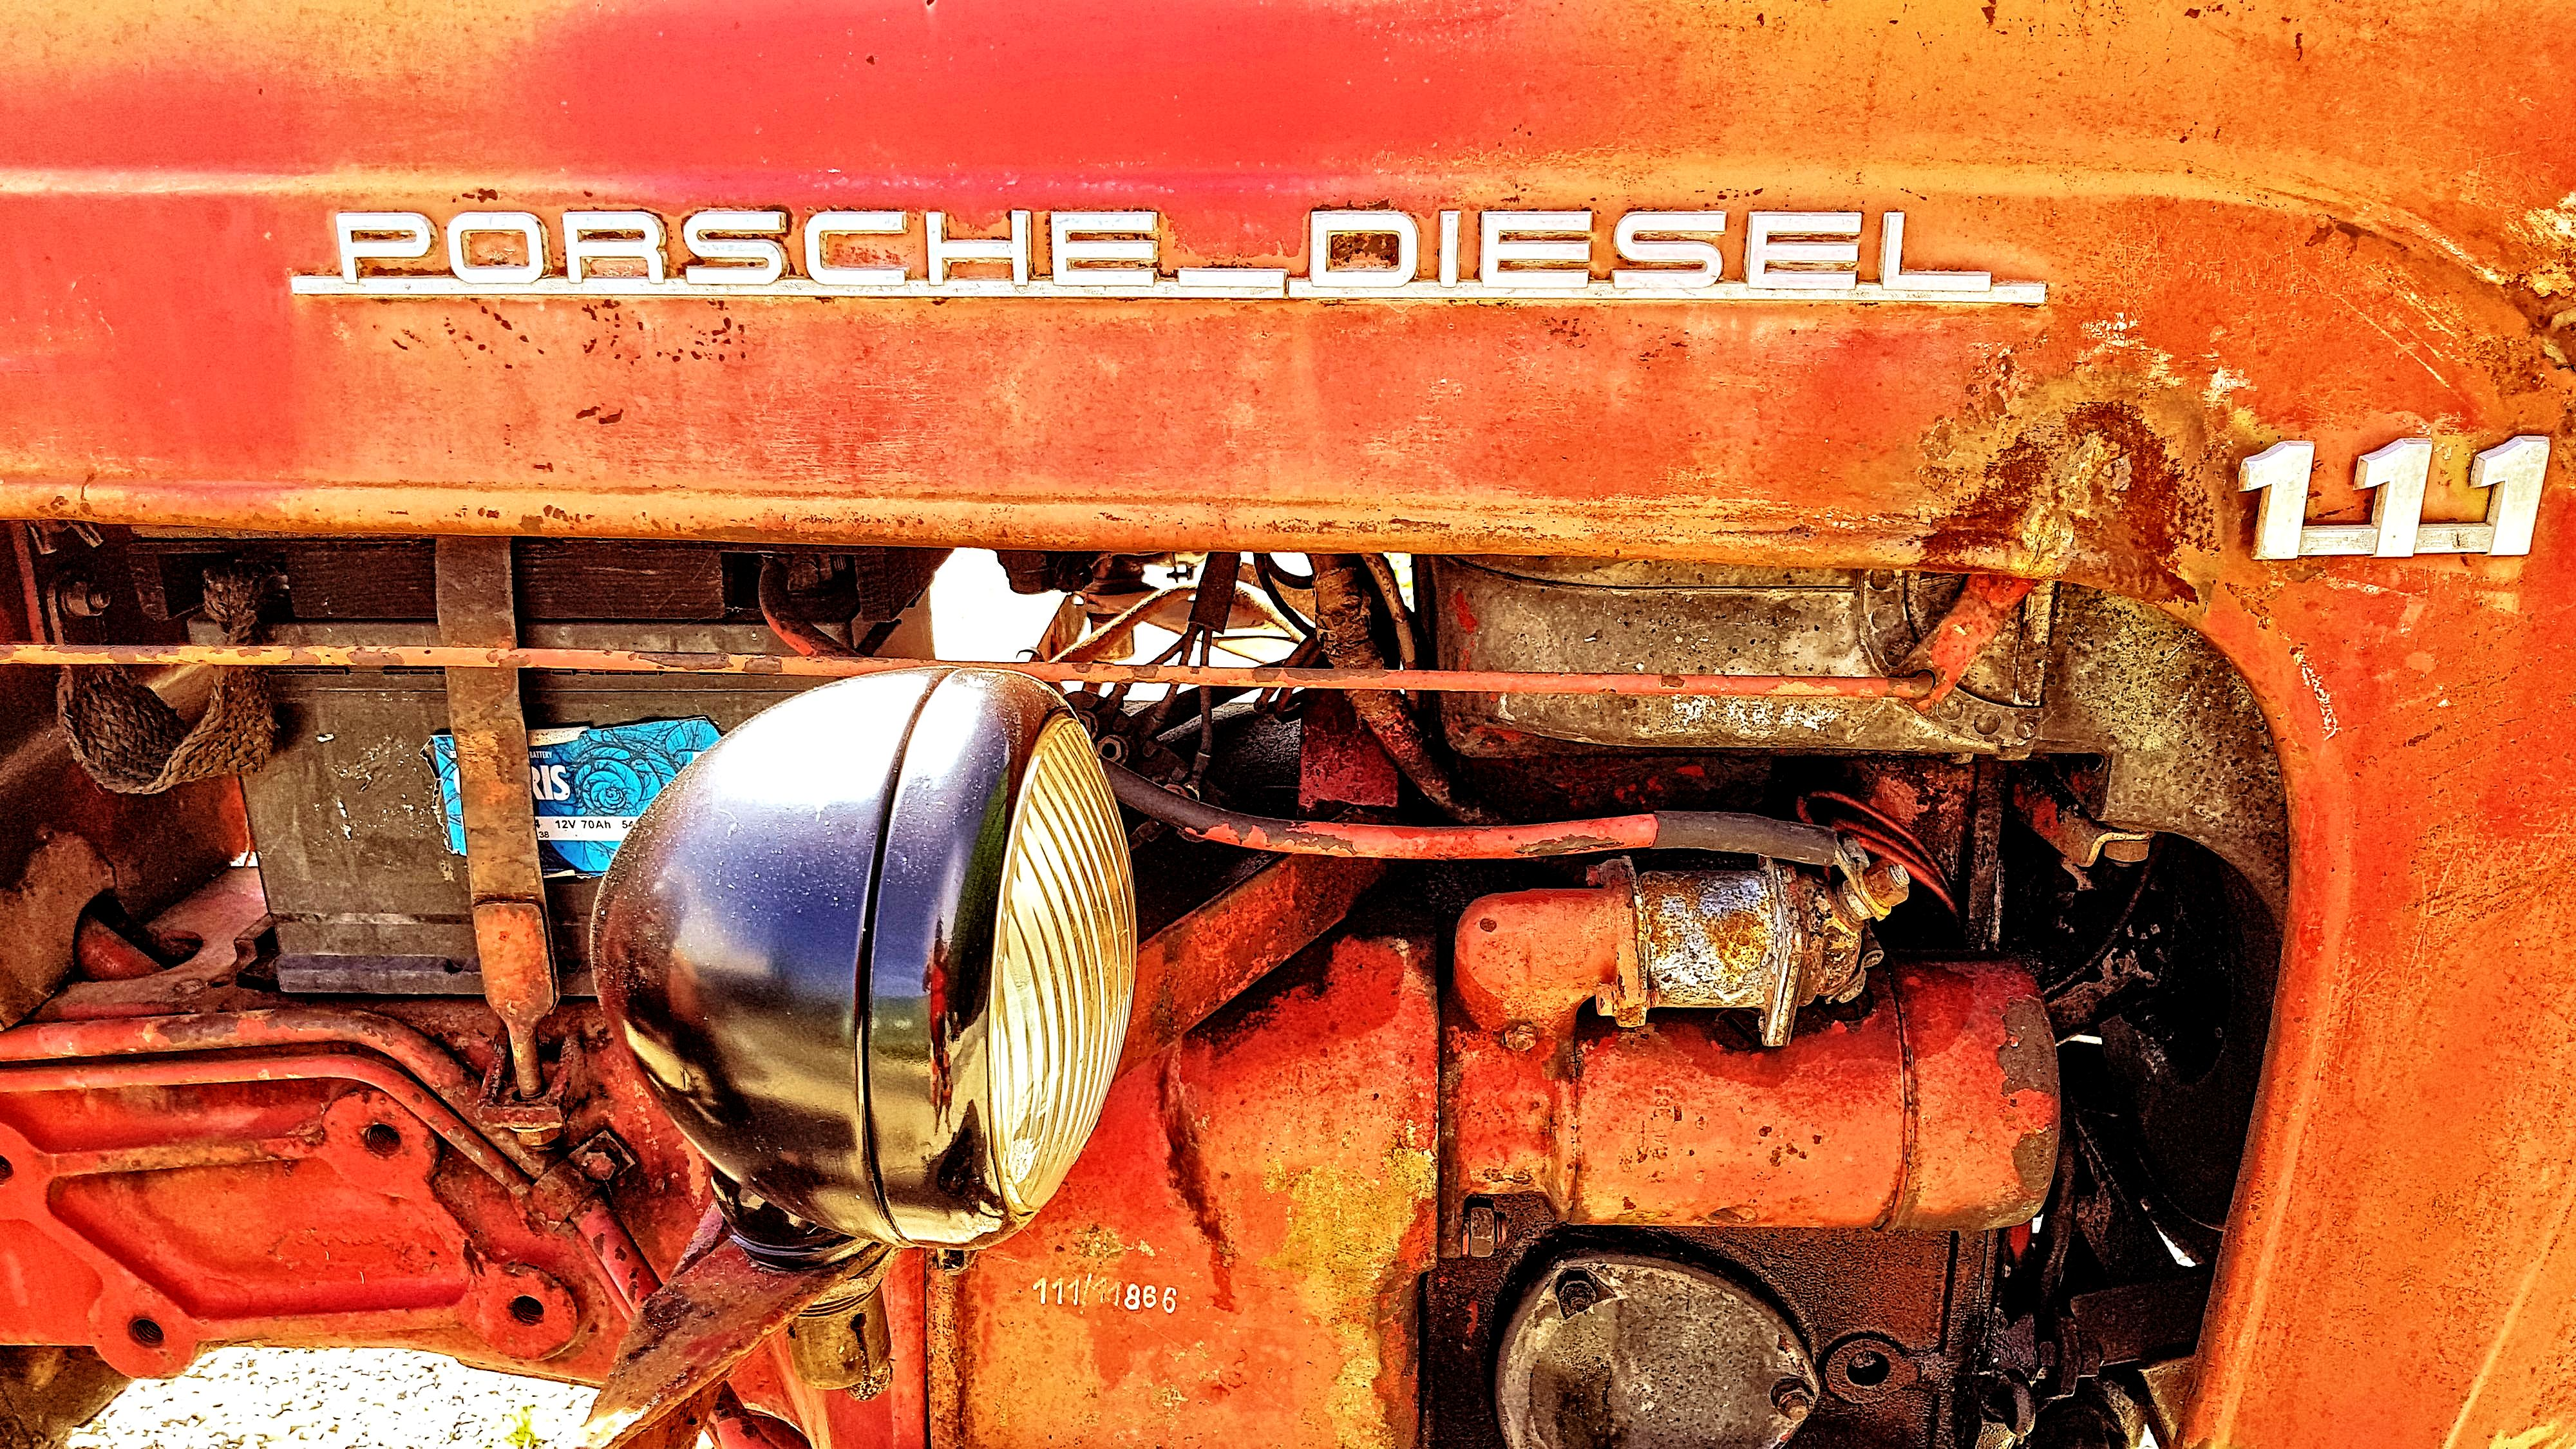 porsche-diesel-1.1.1